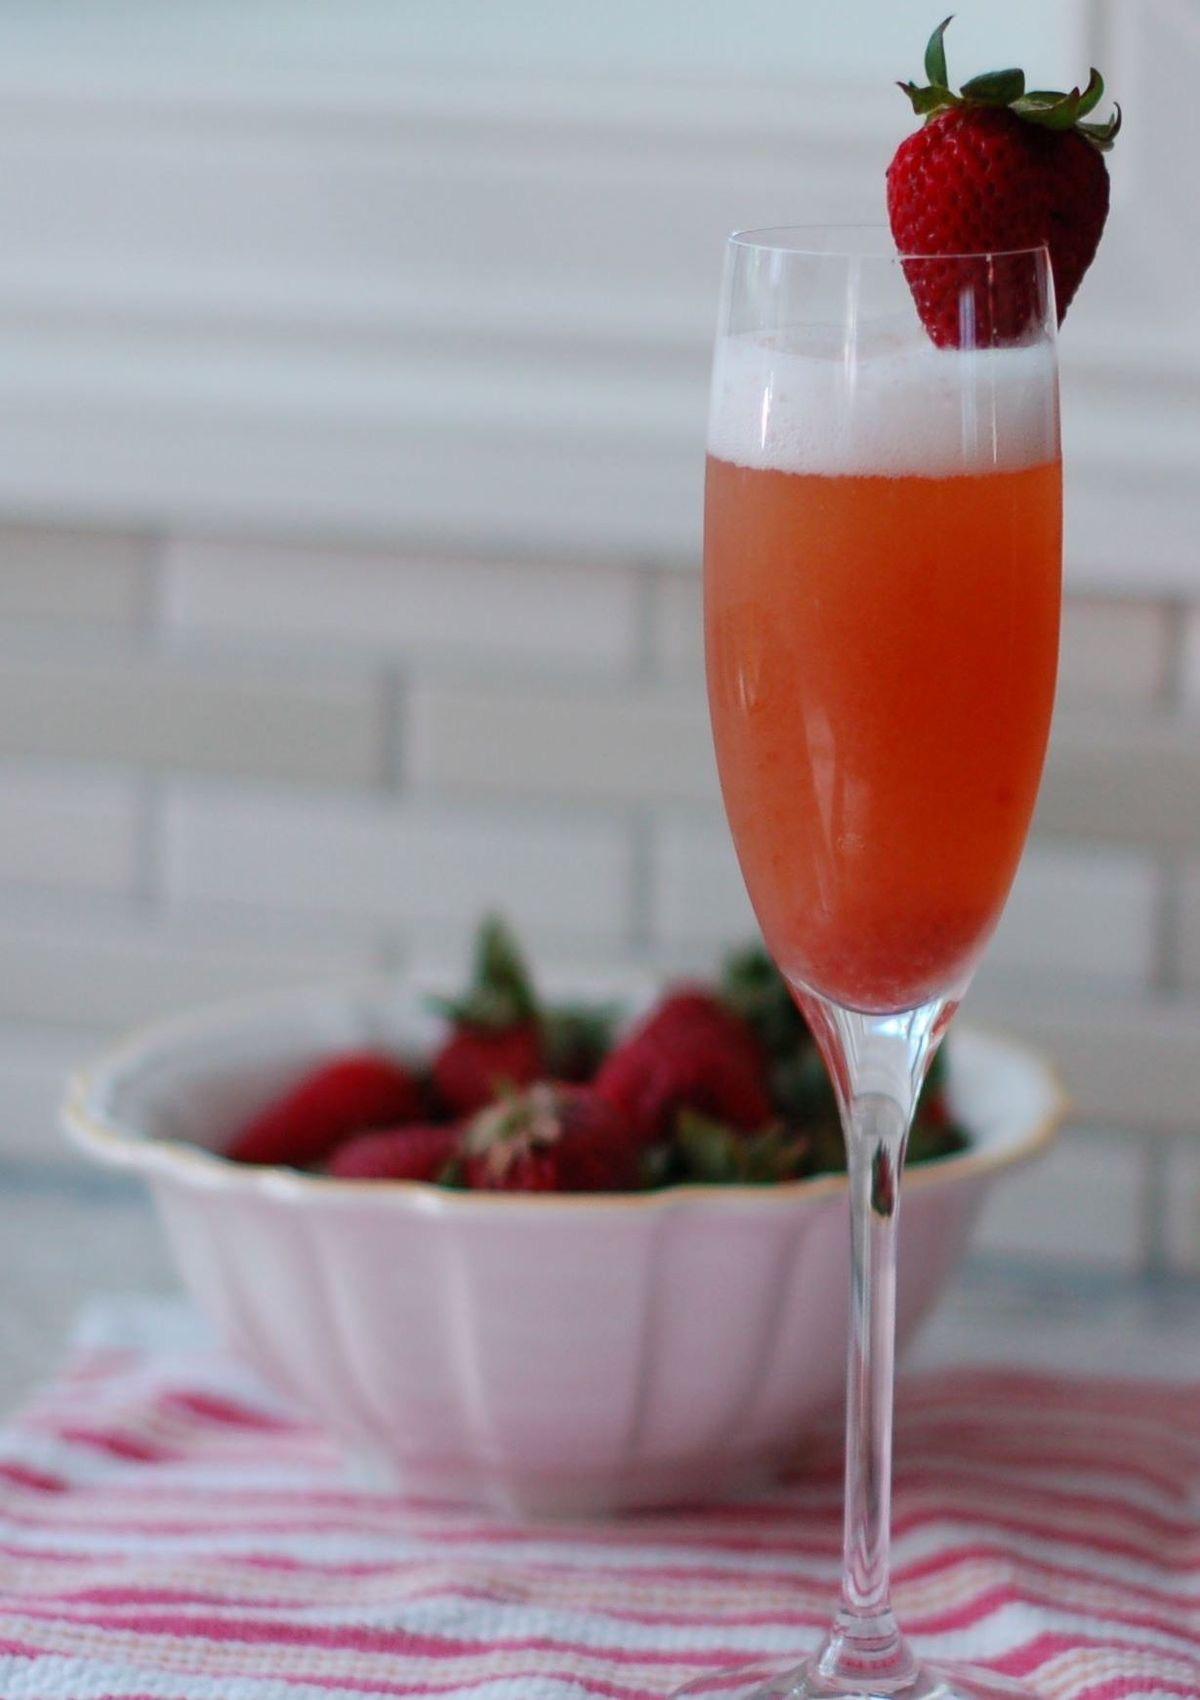 Mimosa de fresa.